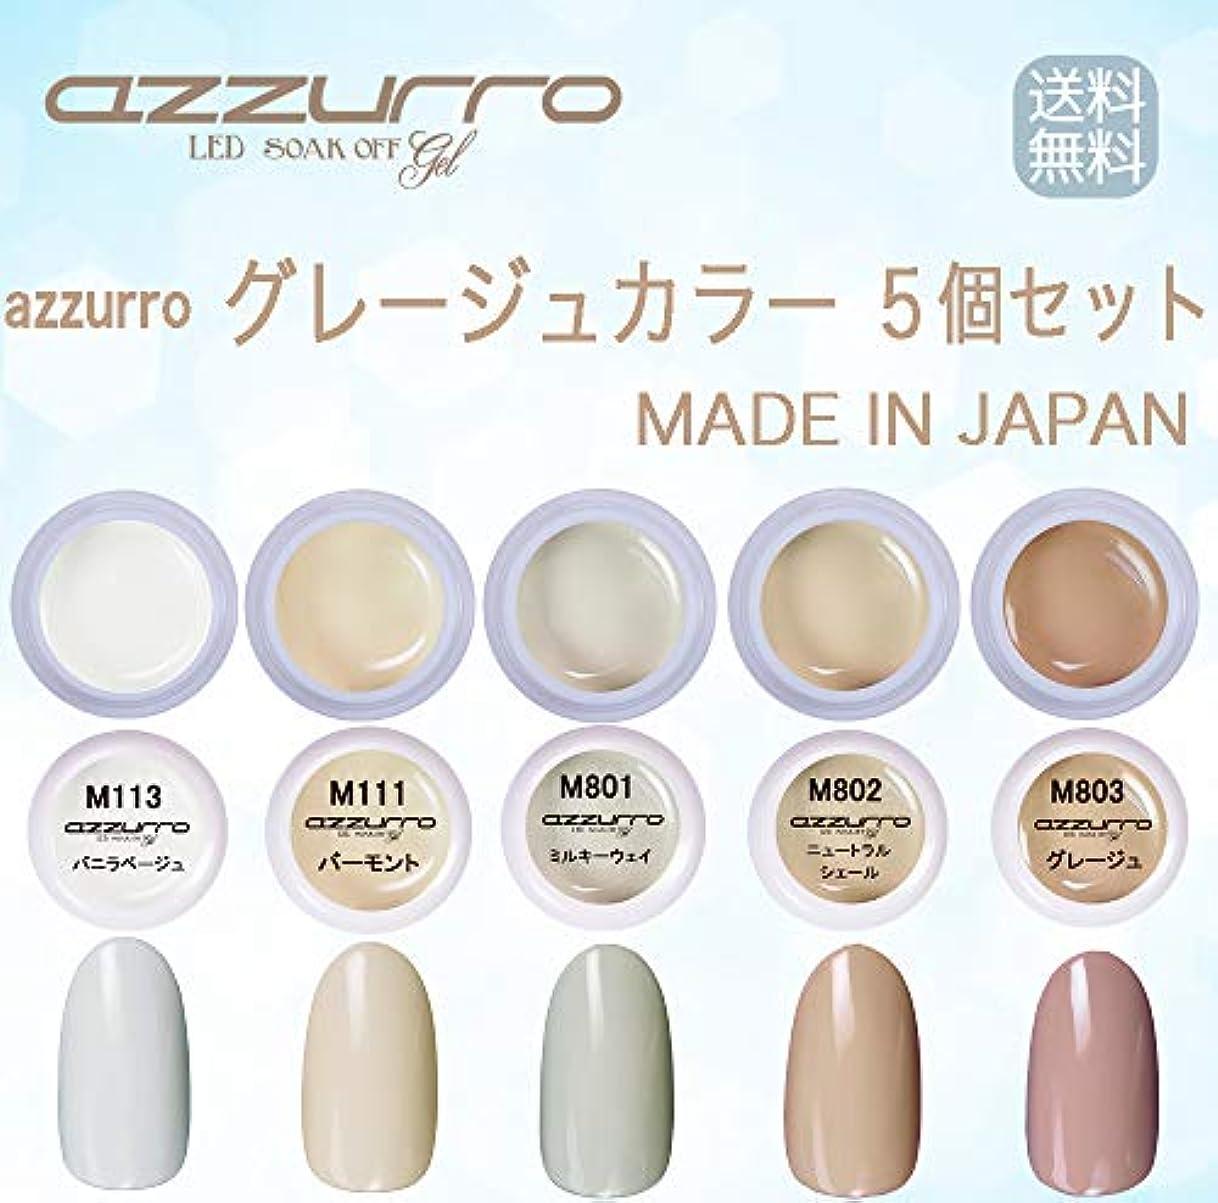 性別ネックレットリンク【送料無料】日本製 azzurro gel グレージュ カラージェル5個セット オフィスにもぴったりな上品なグレージュカラーをチョイス